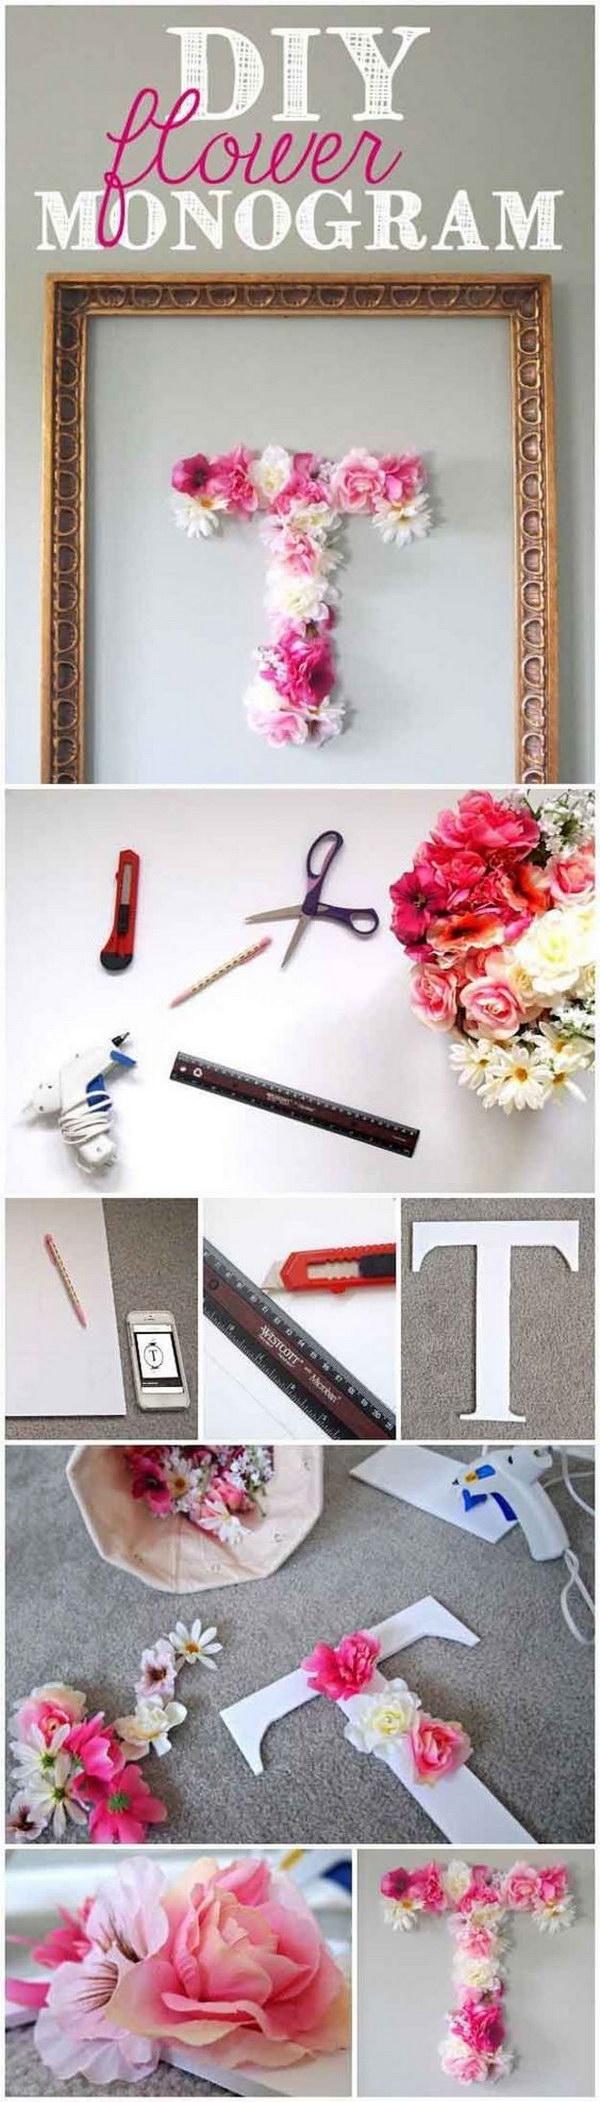 Cool Teenage Girl Bedroom Decorating Ideas - Noted List on Teenage Room Decor Things  id=51431